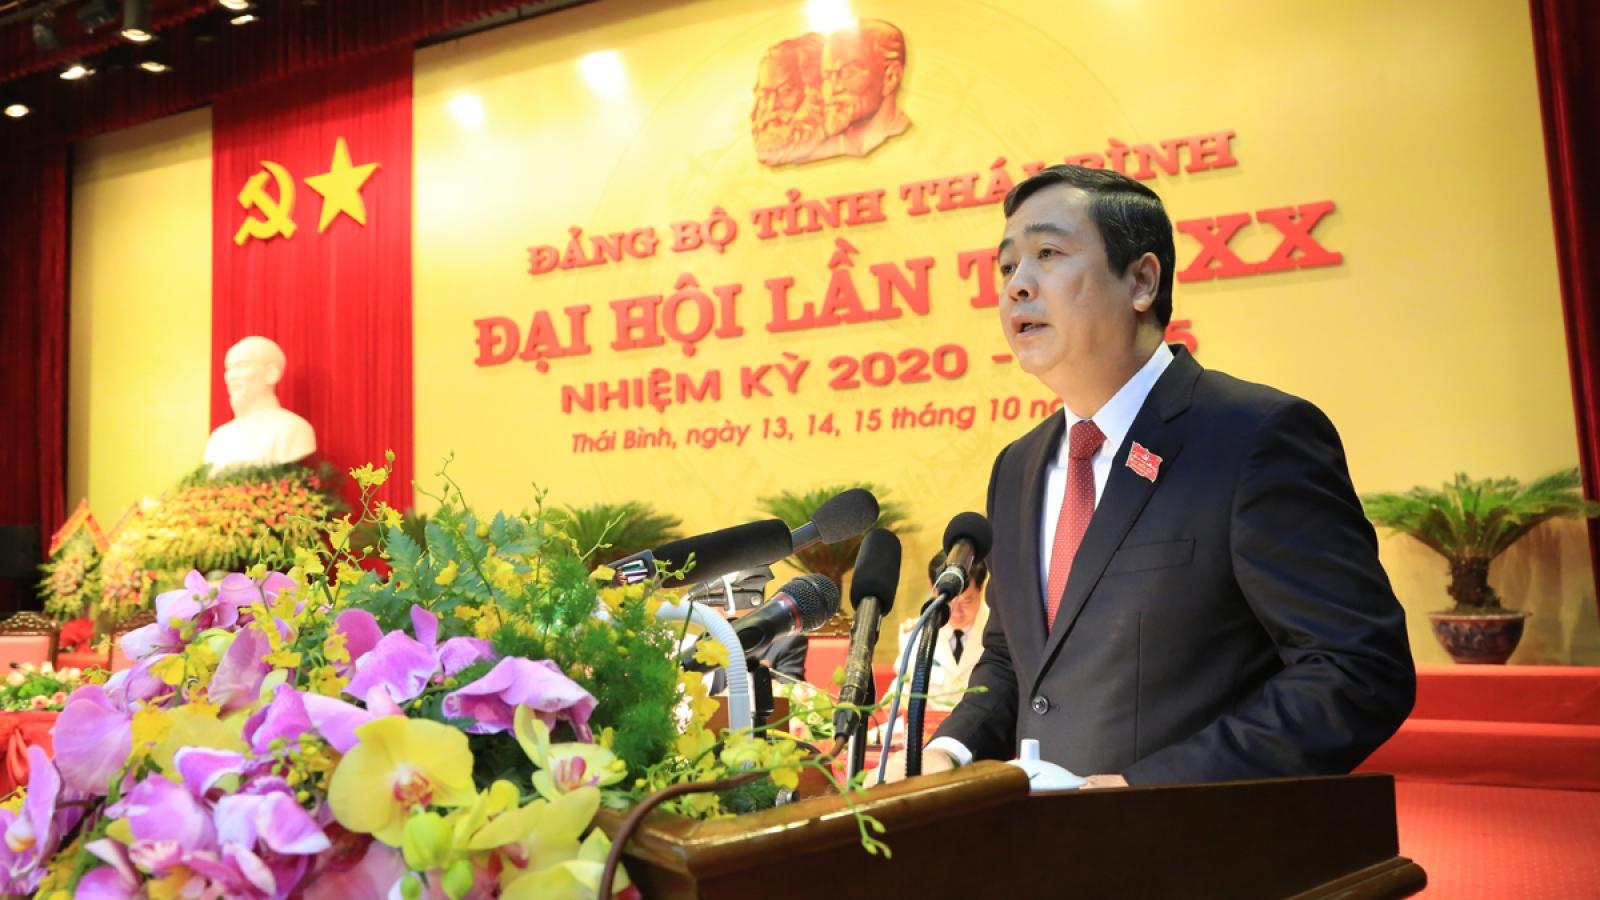 Khai mạc Đại hội đại biểu Đảng bộ tỉnh Thái Bình nhiệm kỳ 2020-2025